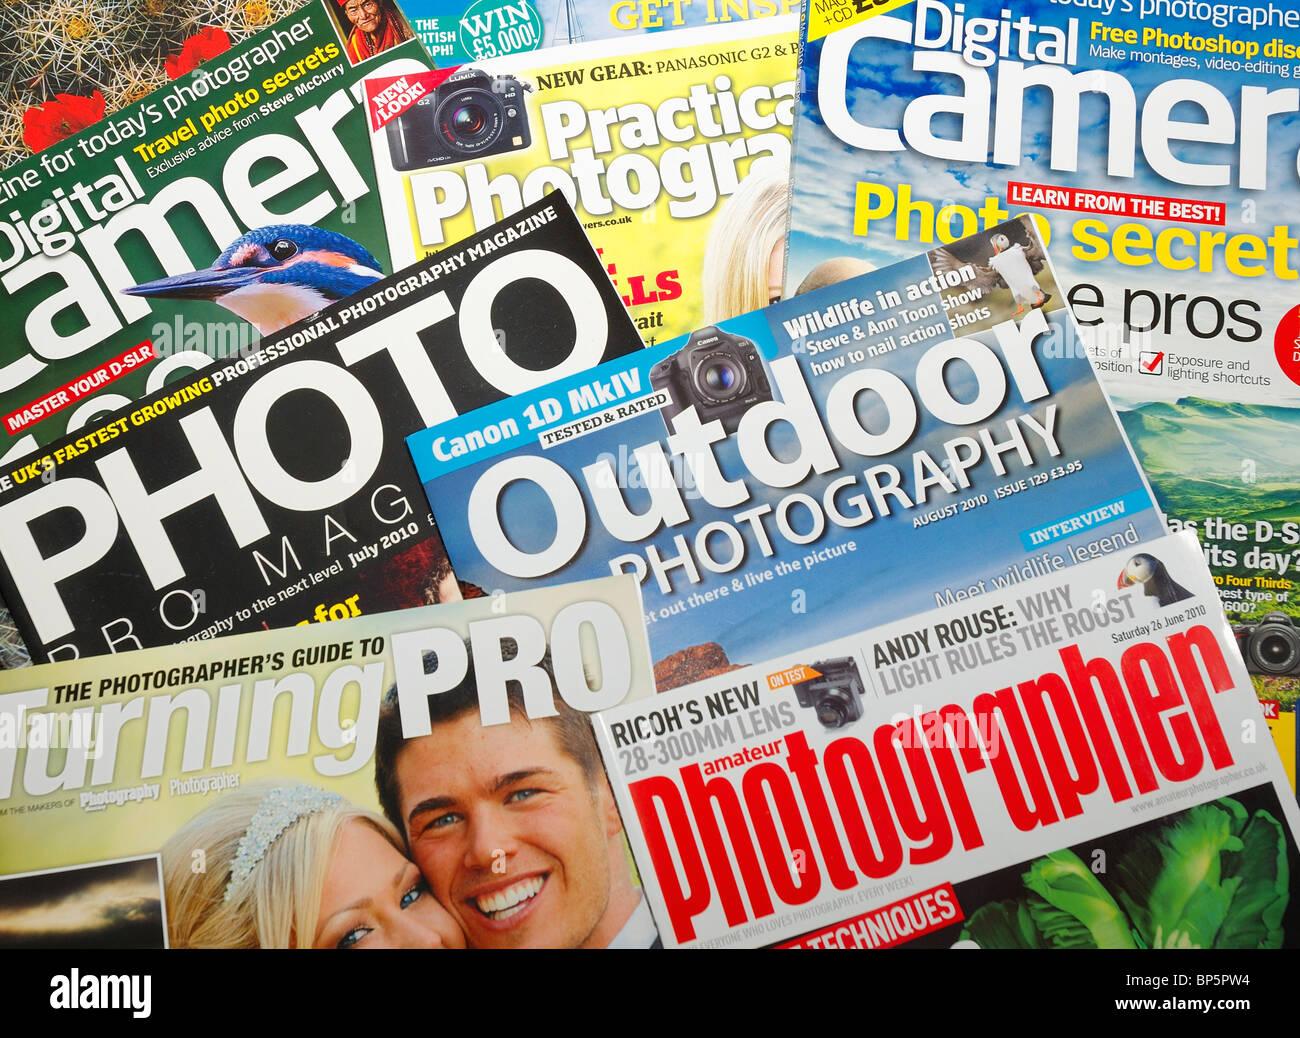 British photography magazine publications england uk - Stock Image